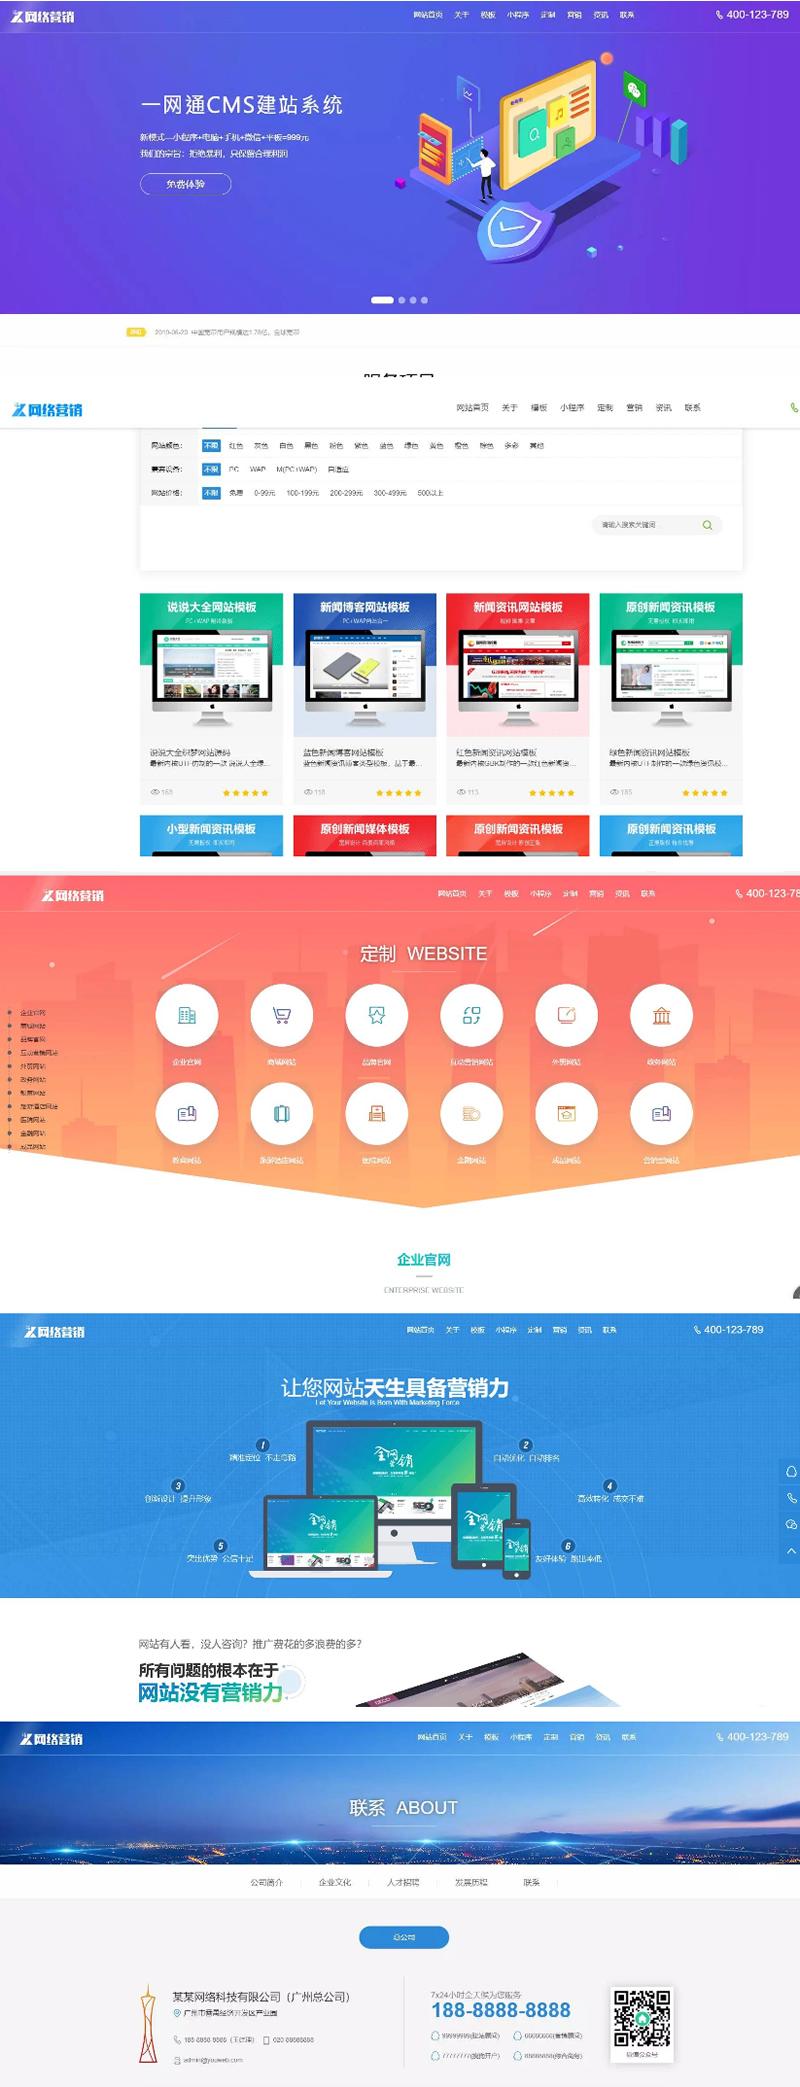 【dedecms】最新一网通织梦dedecms建站定制模板完整版源码-爱资源分享